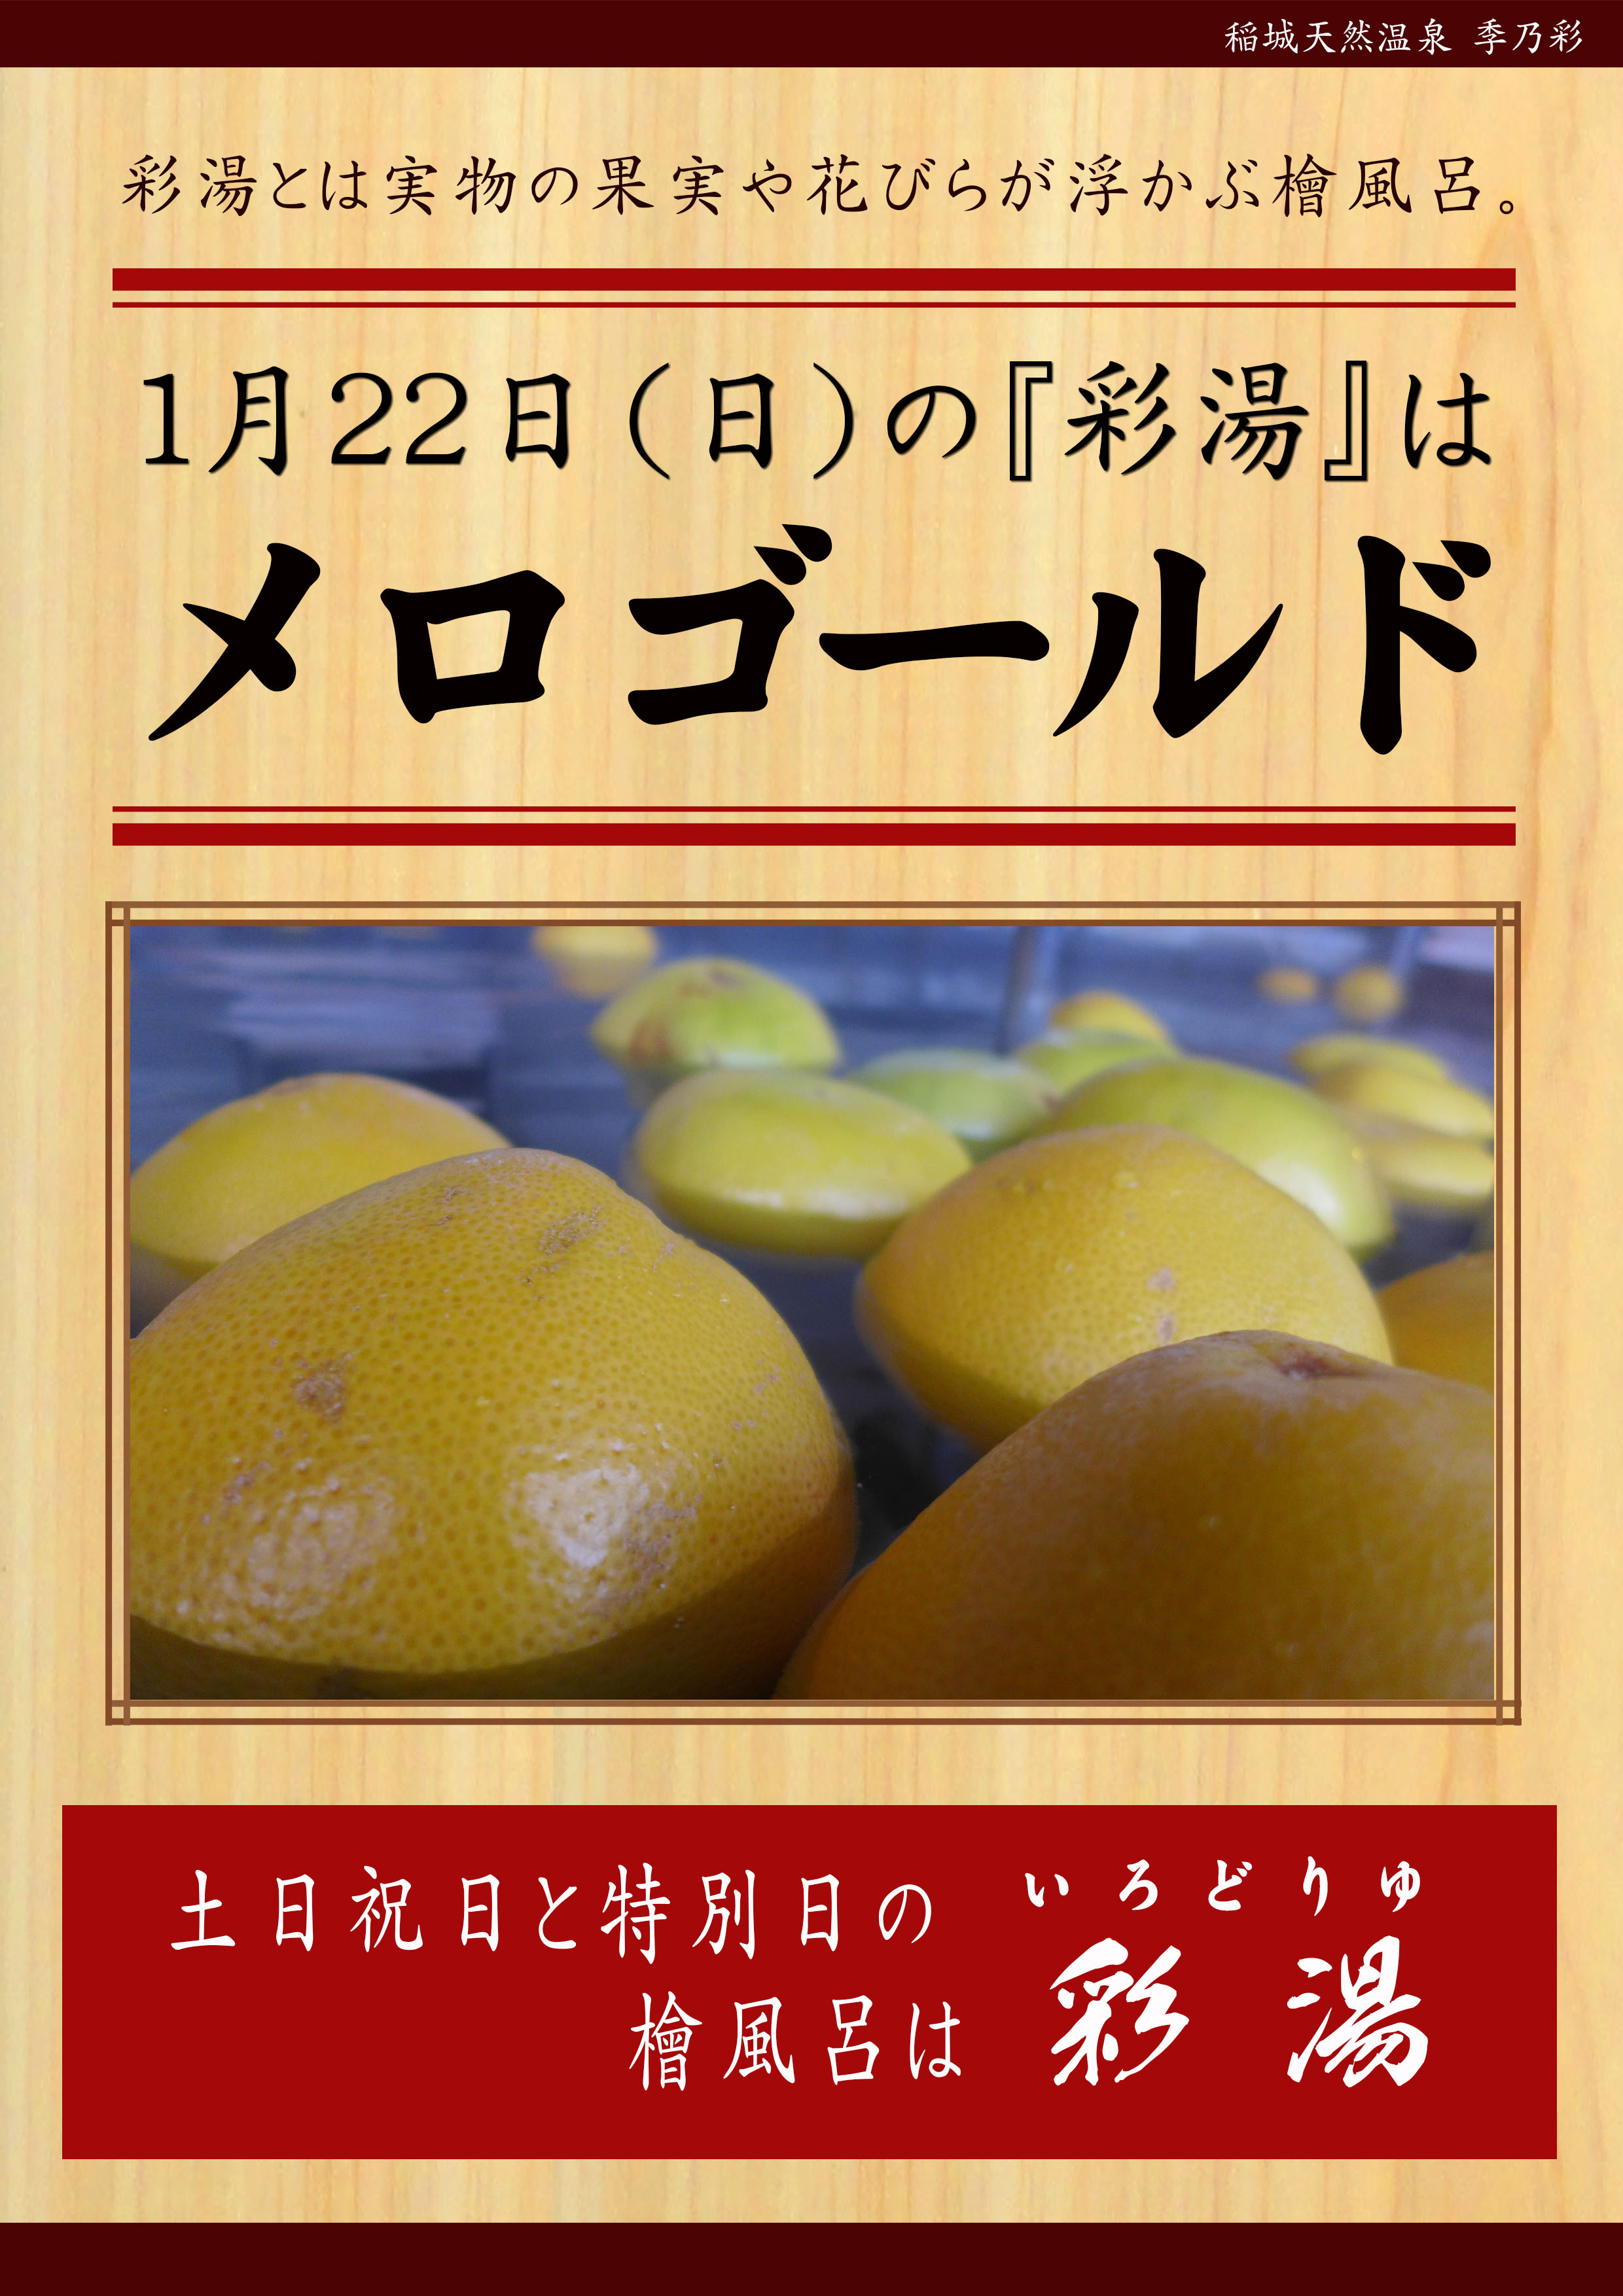 20170122POP イベント 彩湯 メロゴールド